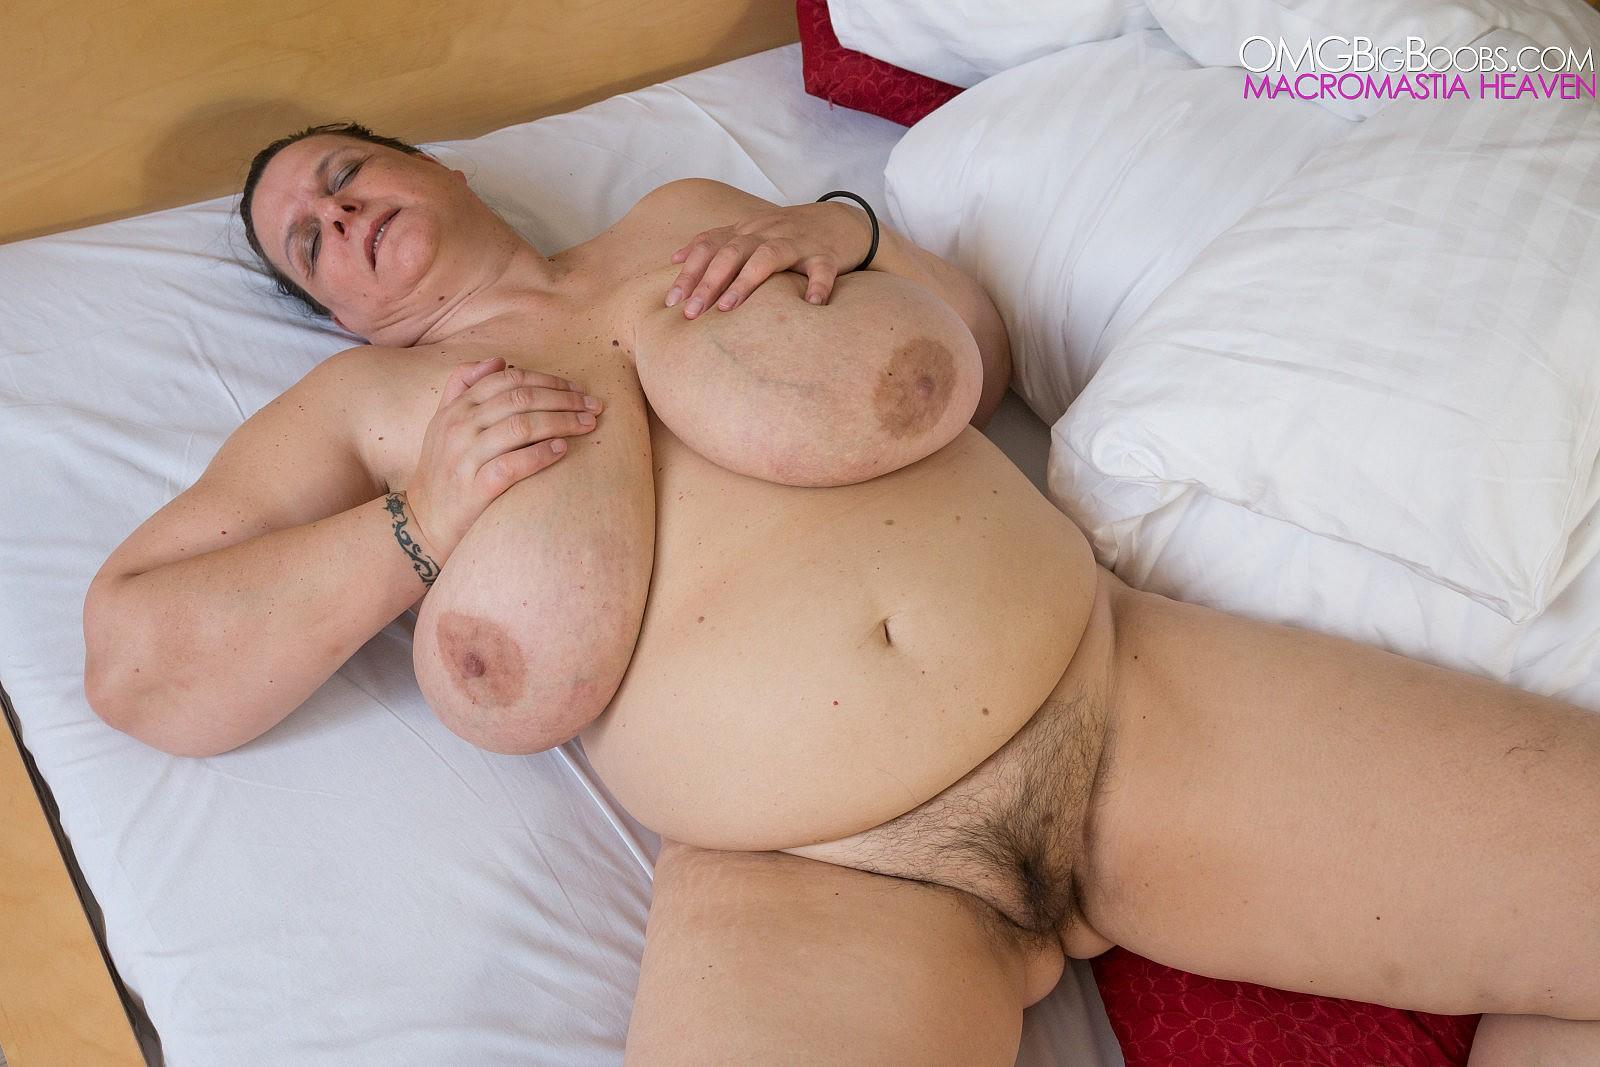 Фото старых огромных сисек, Огромные сиськи - гигантские сиськи и грудь - зрелые 23 фотография